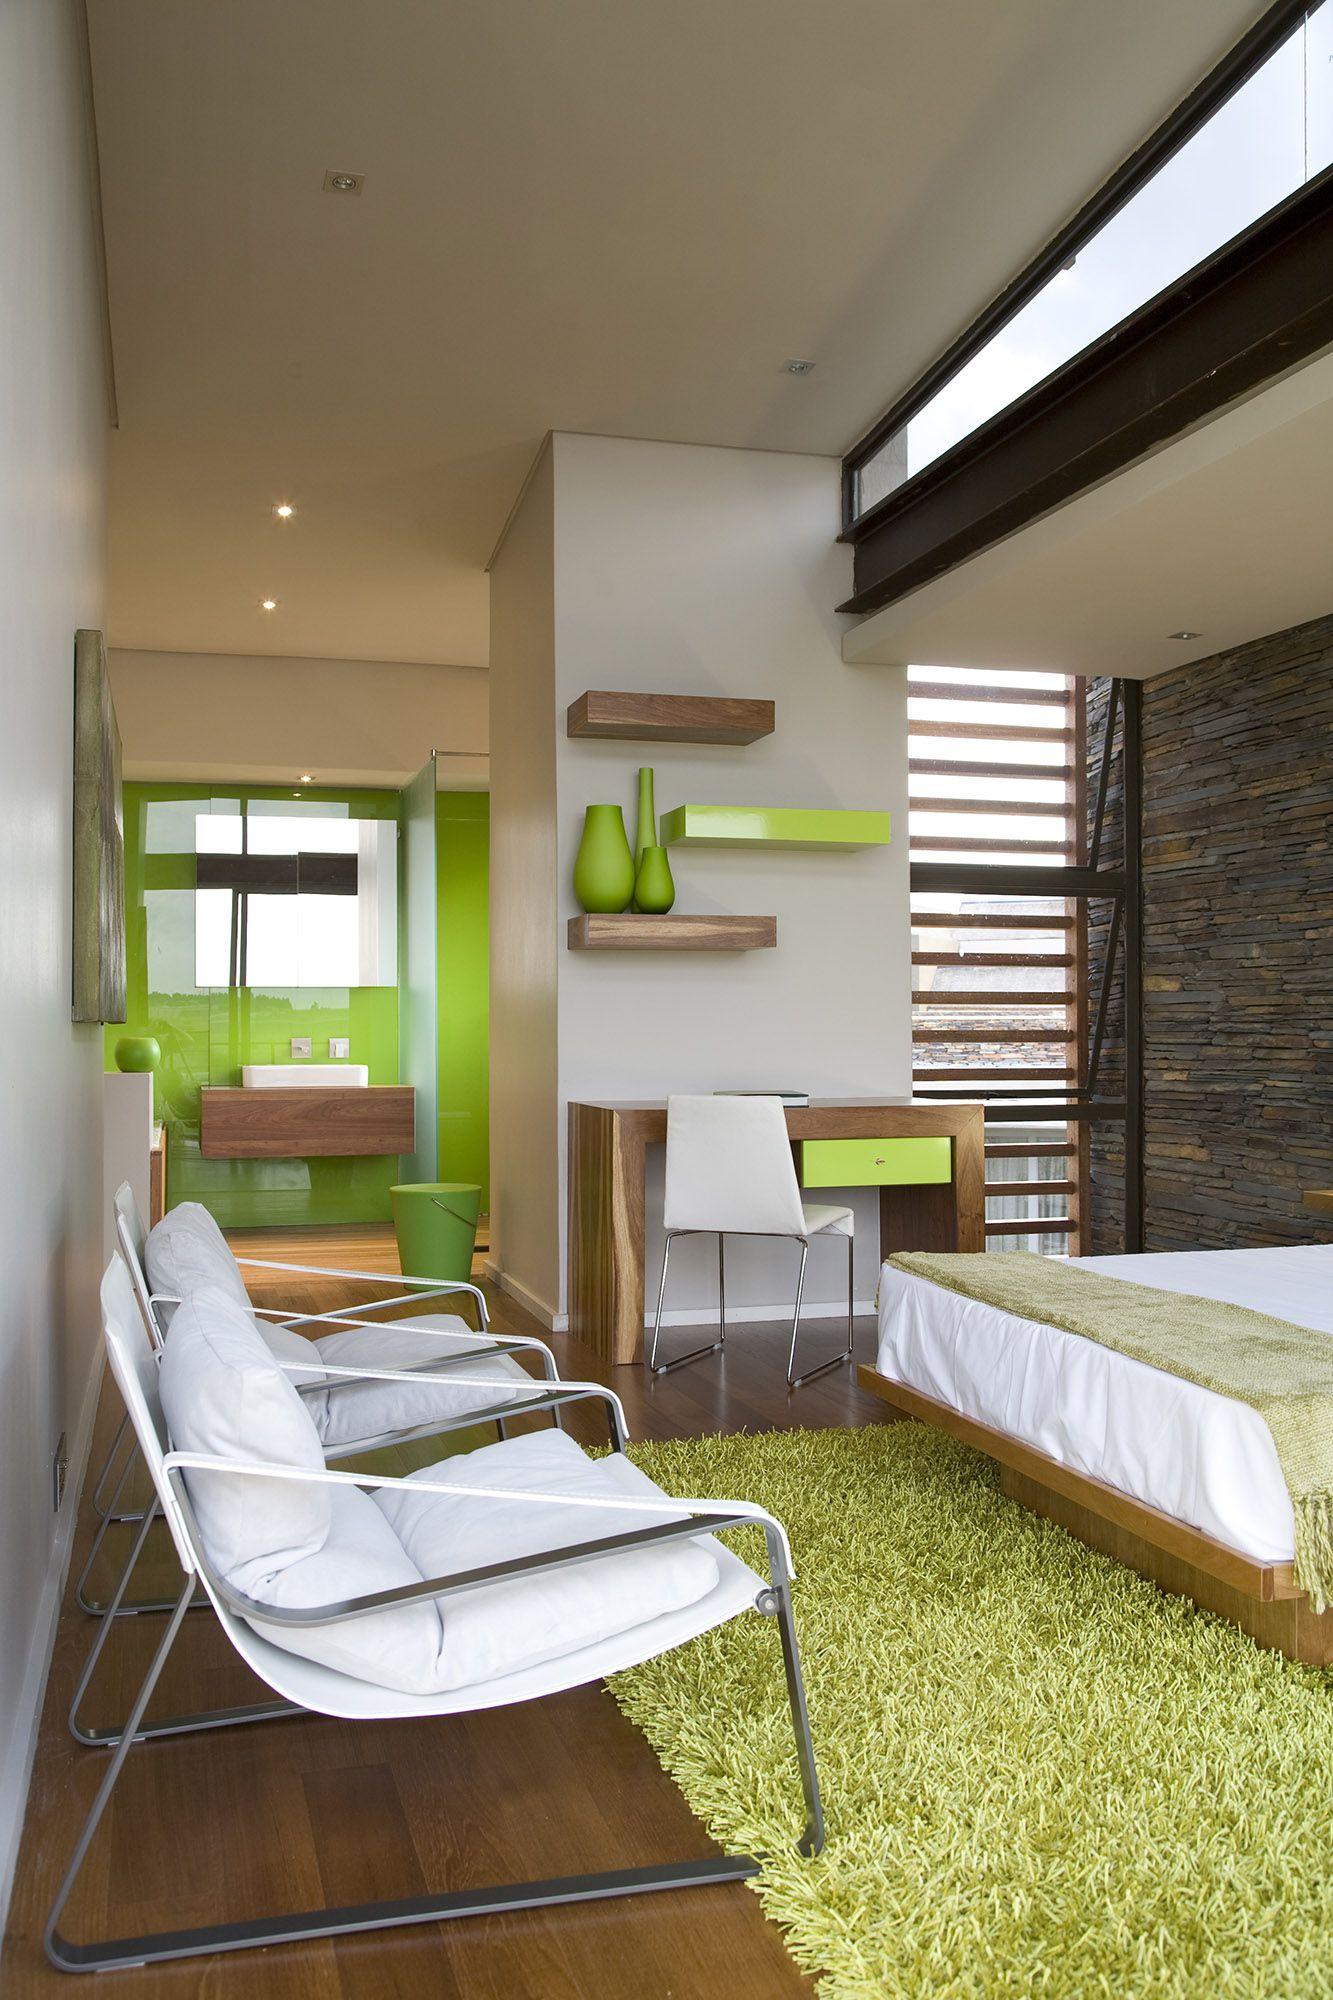 Serengeti Designed by Rudolph van der Meulen 258